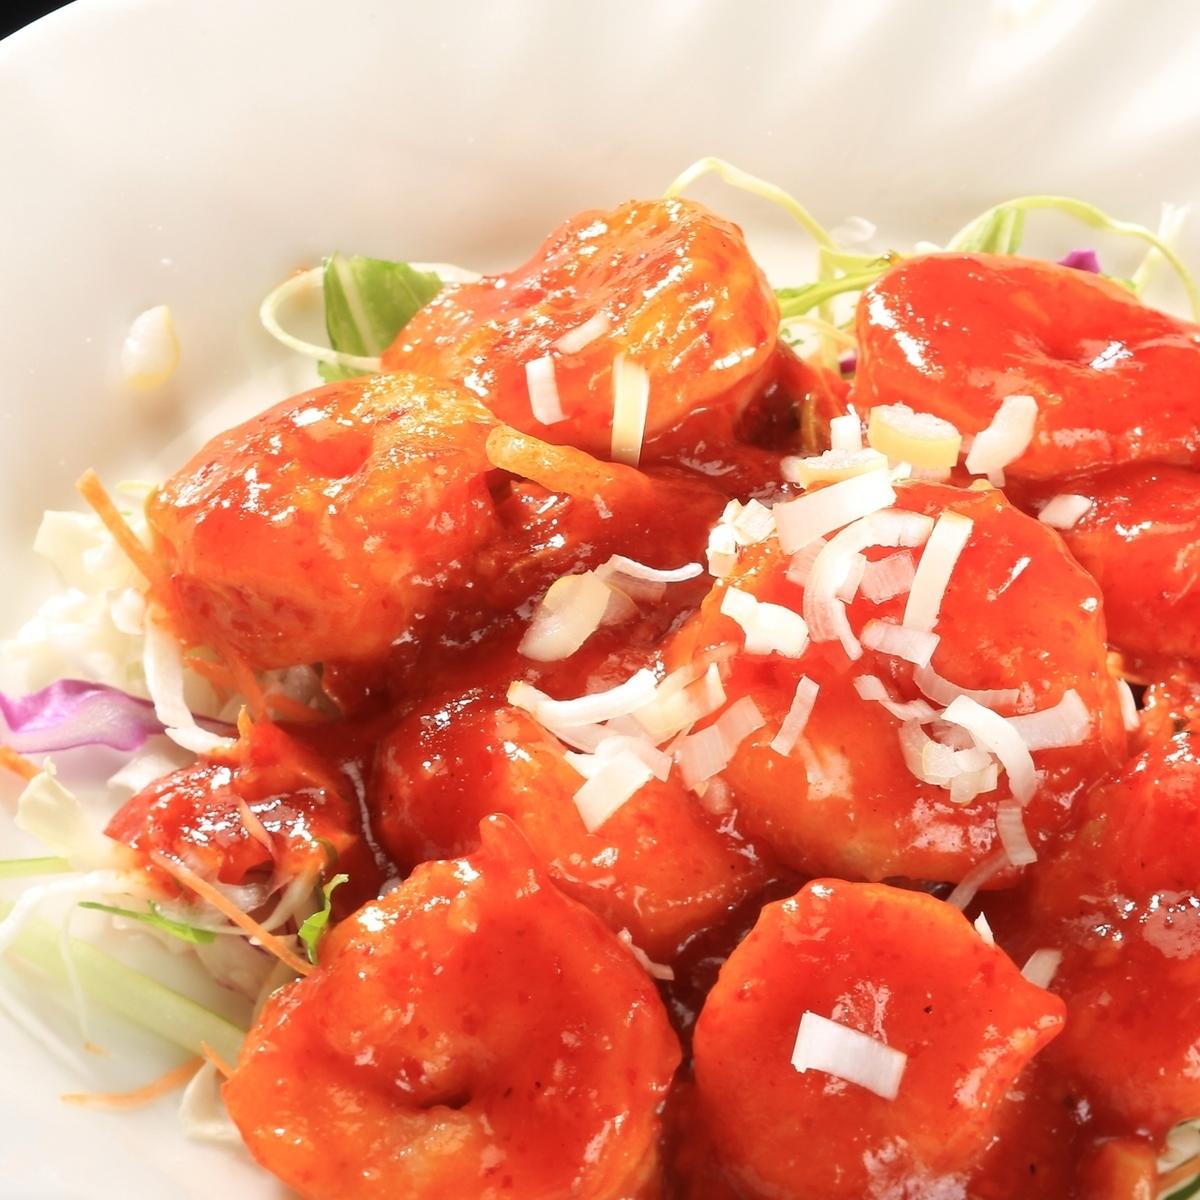 虾甜辣椒酱,虾蛋黄酱